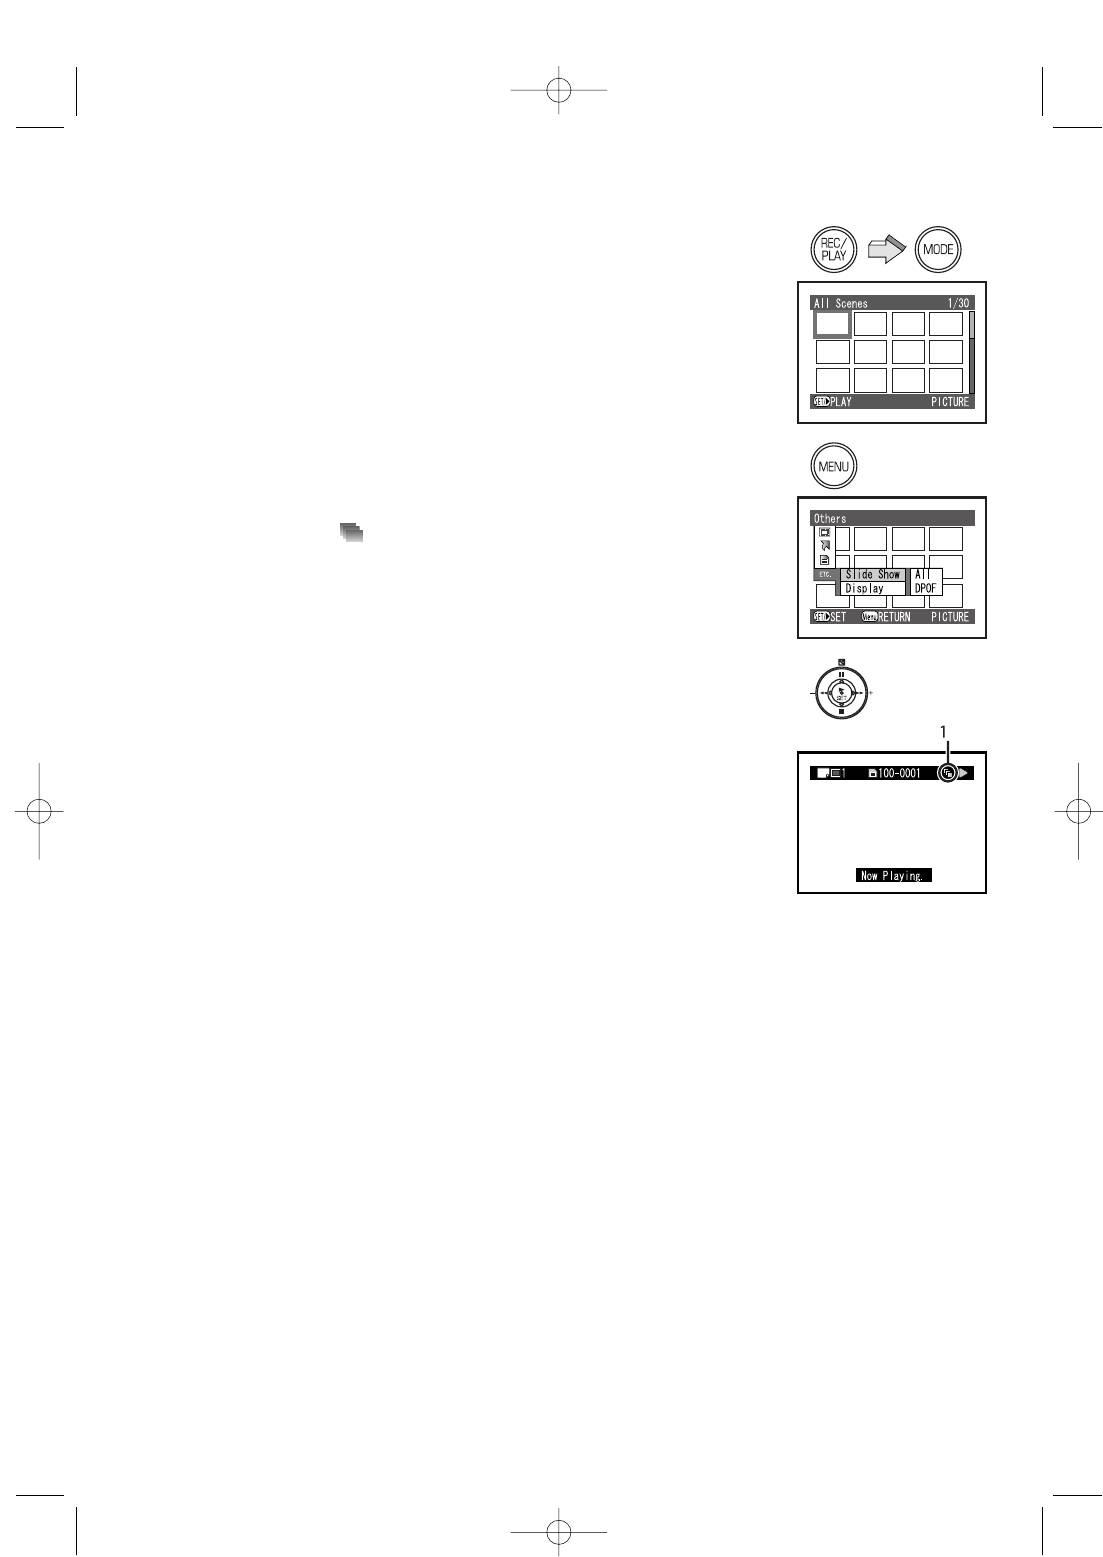 Видеокамера Panasonic SV-AV100. Слайд-шоу (покадровый